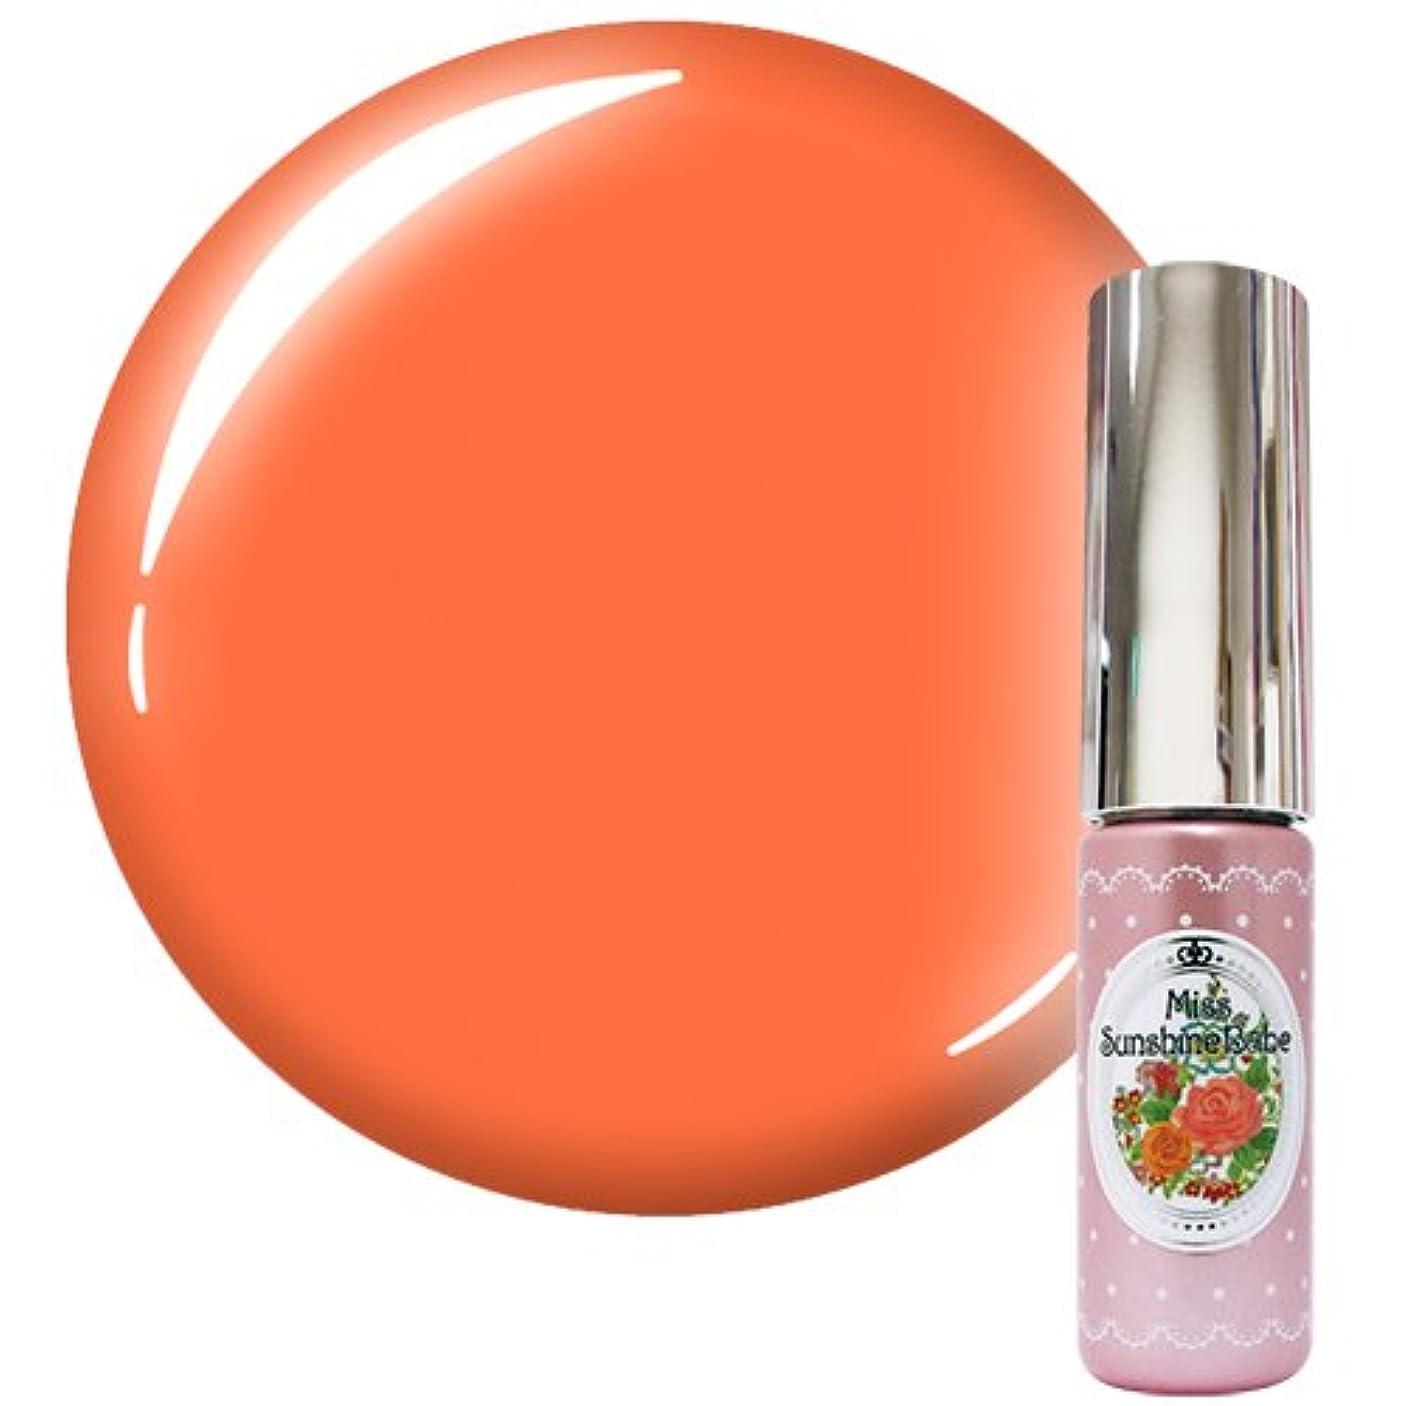 初期の召喚する残基Miss SunshineBabe ミス サンシャインベビー カラージェル MC-33 5g サマーパステルオレンジ